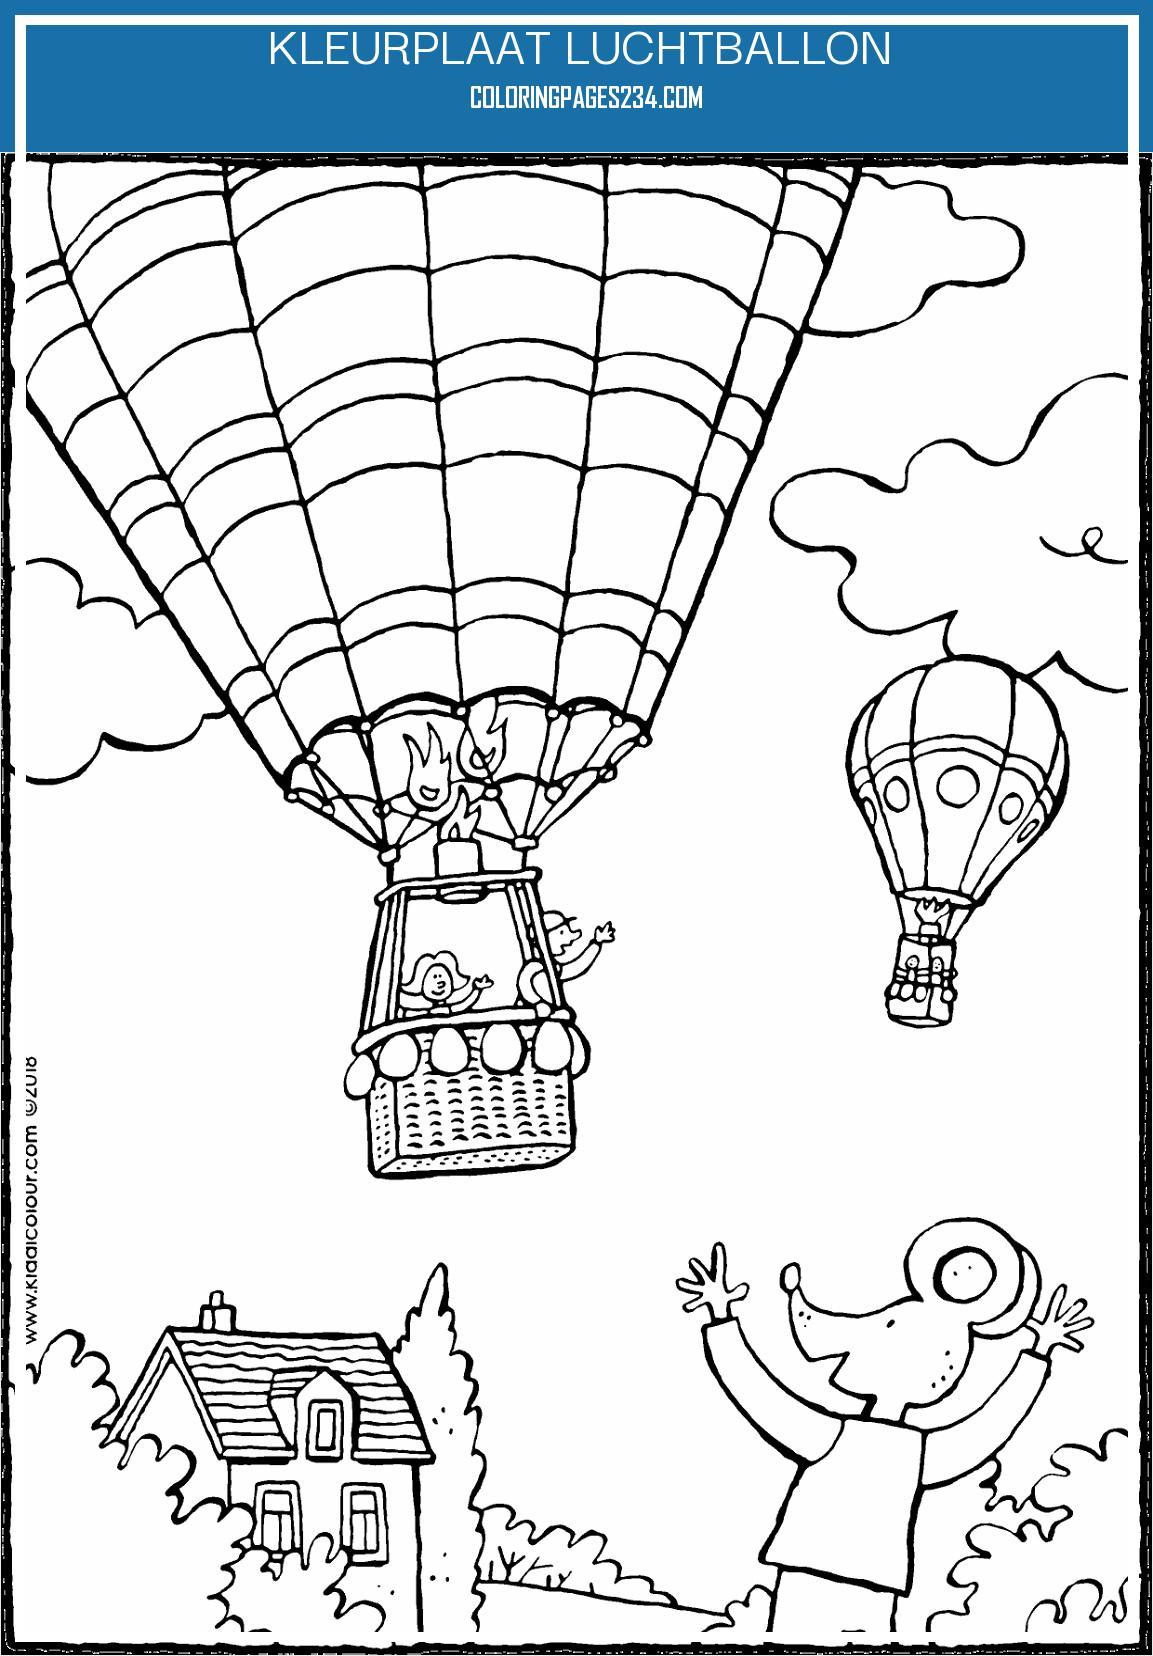 Lowie zwaait naar een luchtballon kiddicolour kleurplaat luchtballon, source:kiddicolour.com